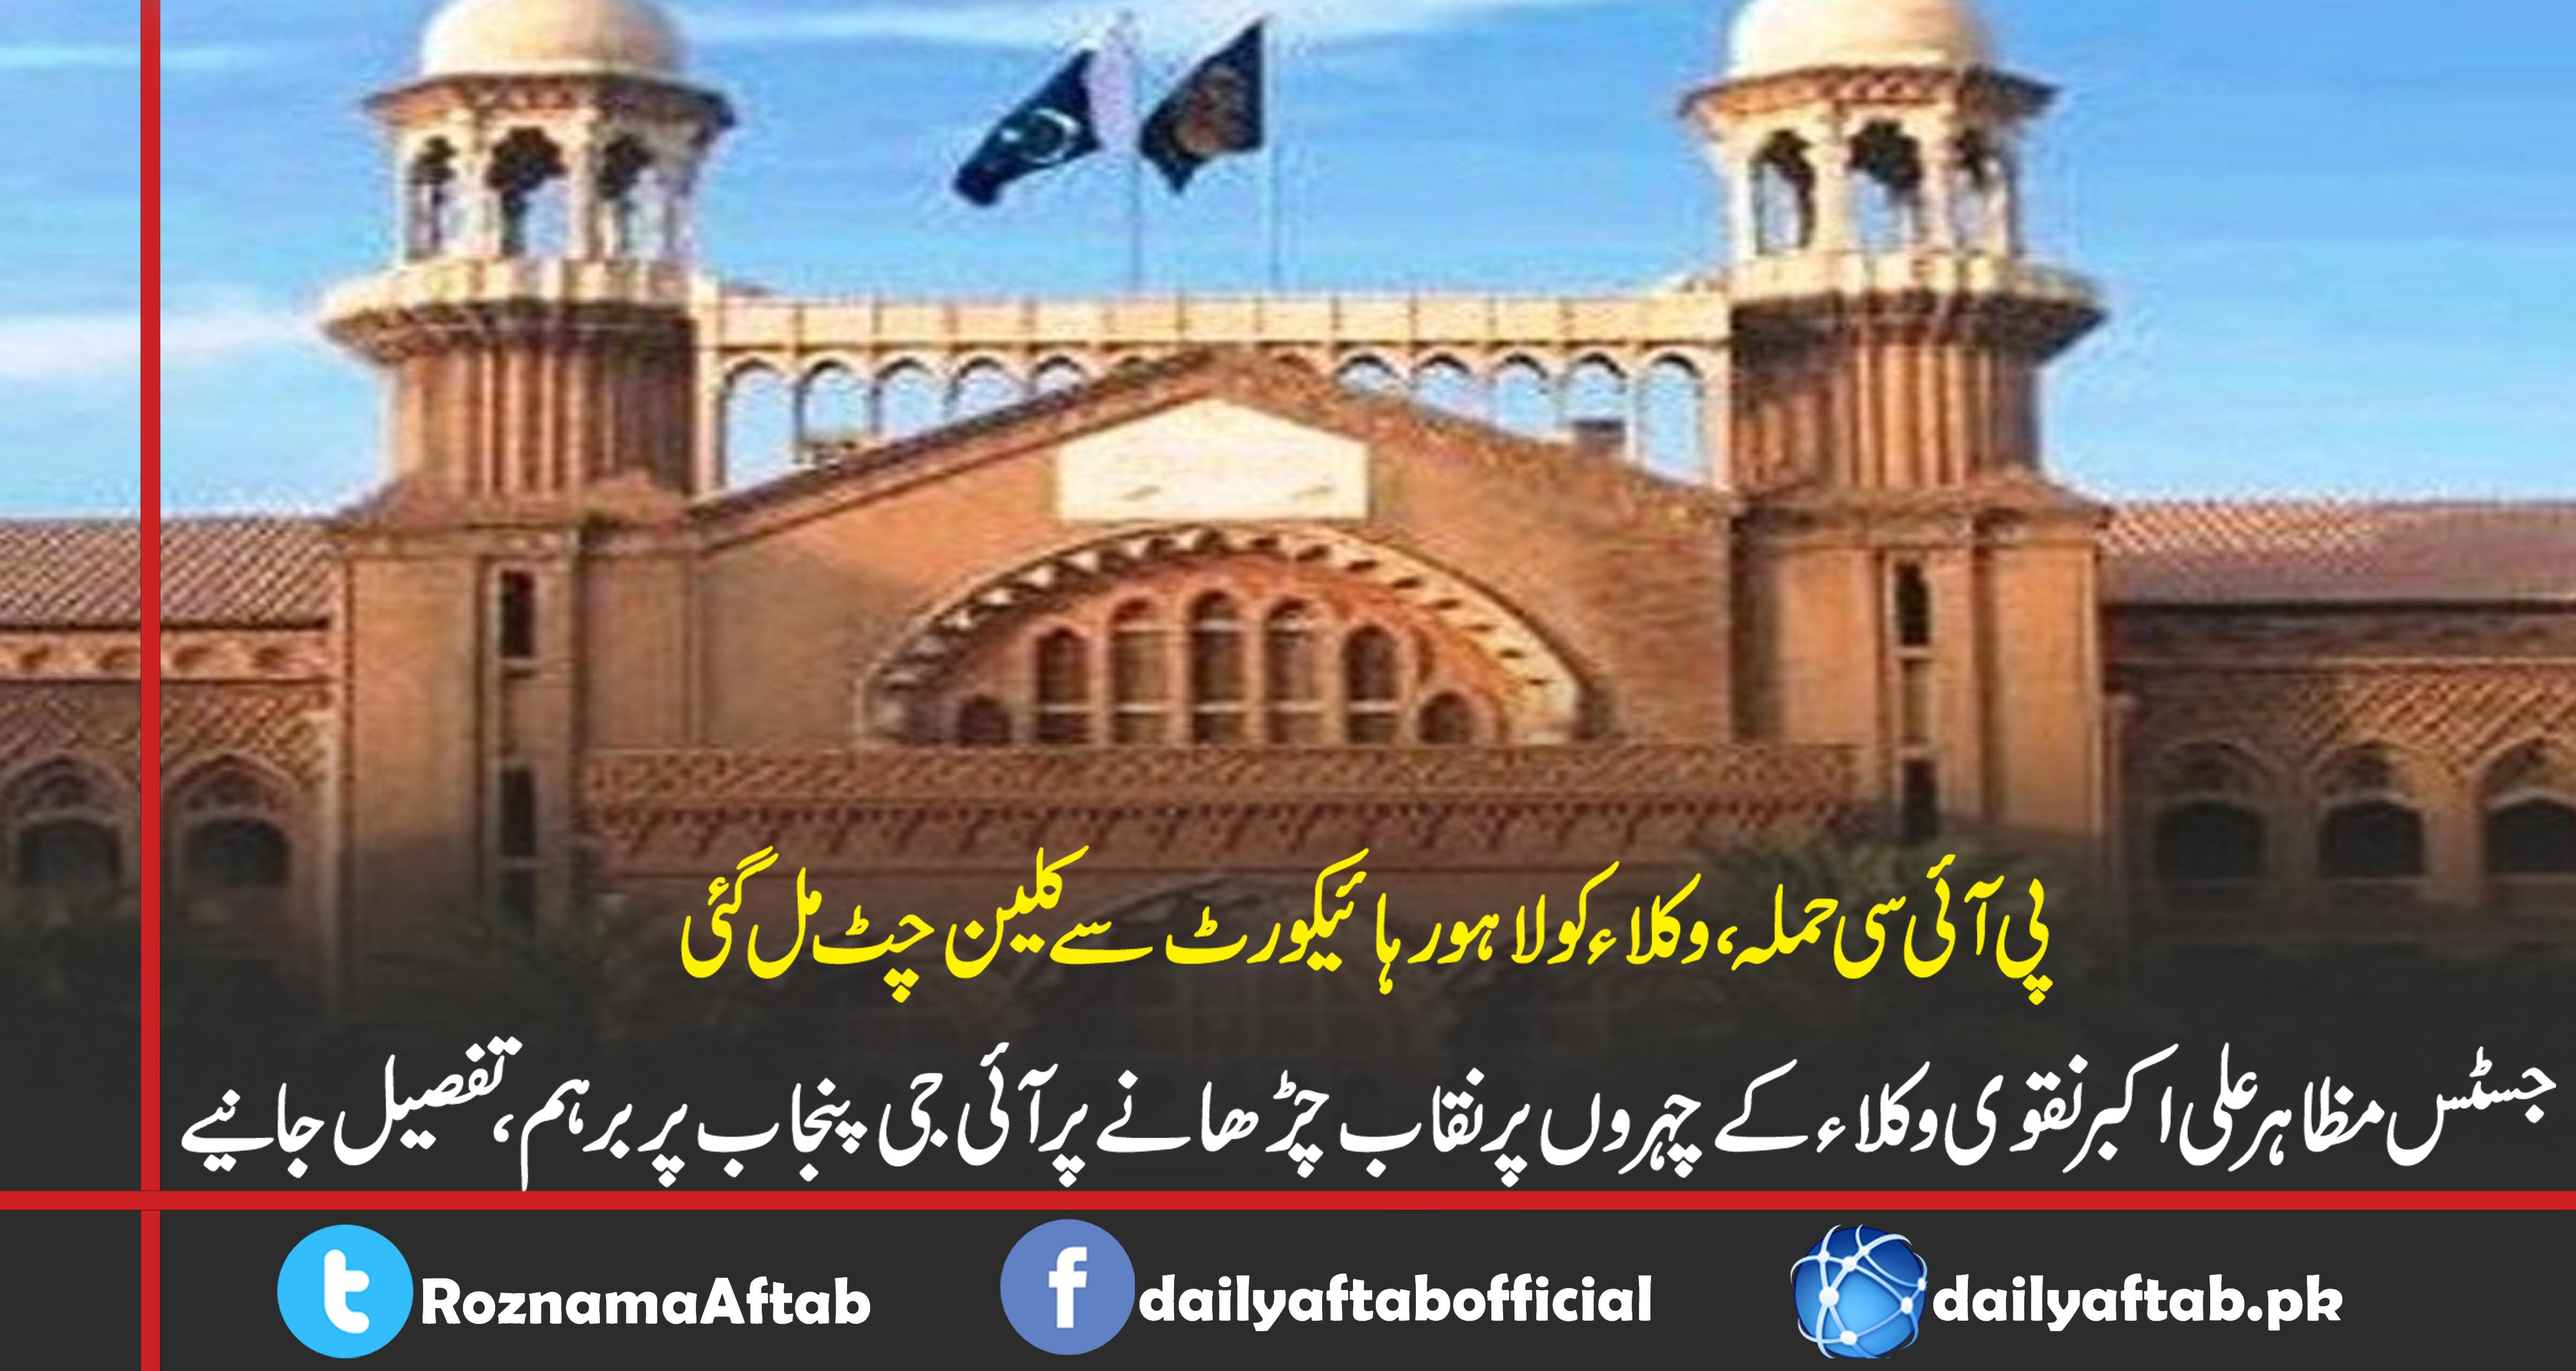 پی آئی سی حملہ, وکلاء, لاہورہائیکورٹ, کلین چٹ